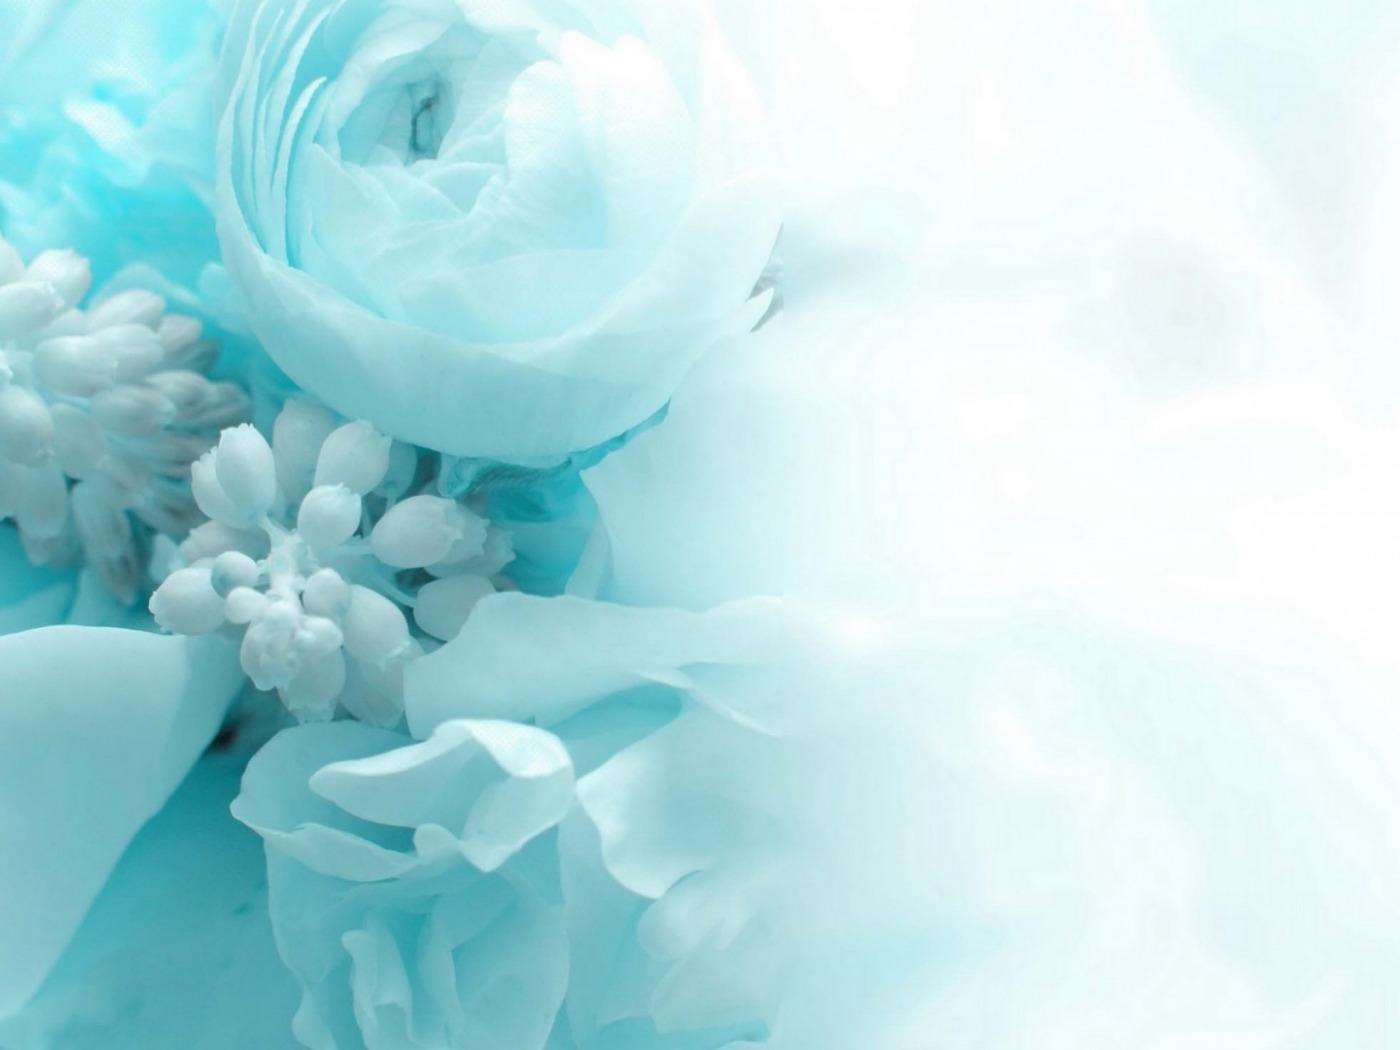 картинки в нежно бирюзовом цвете знаменитая